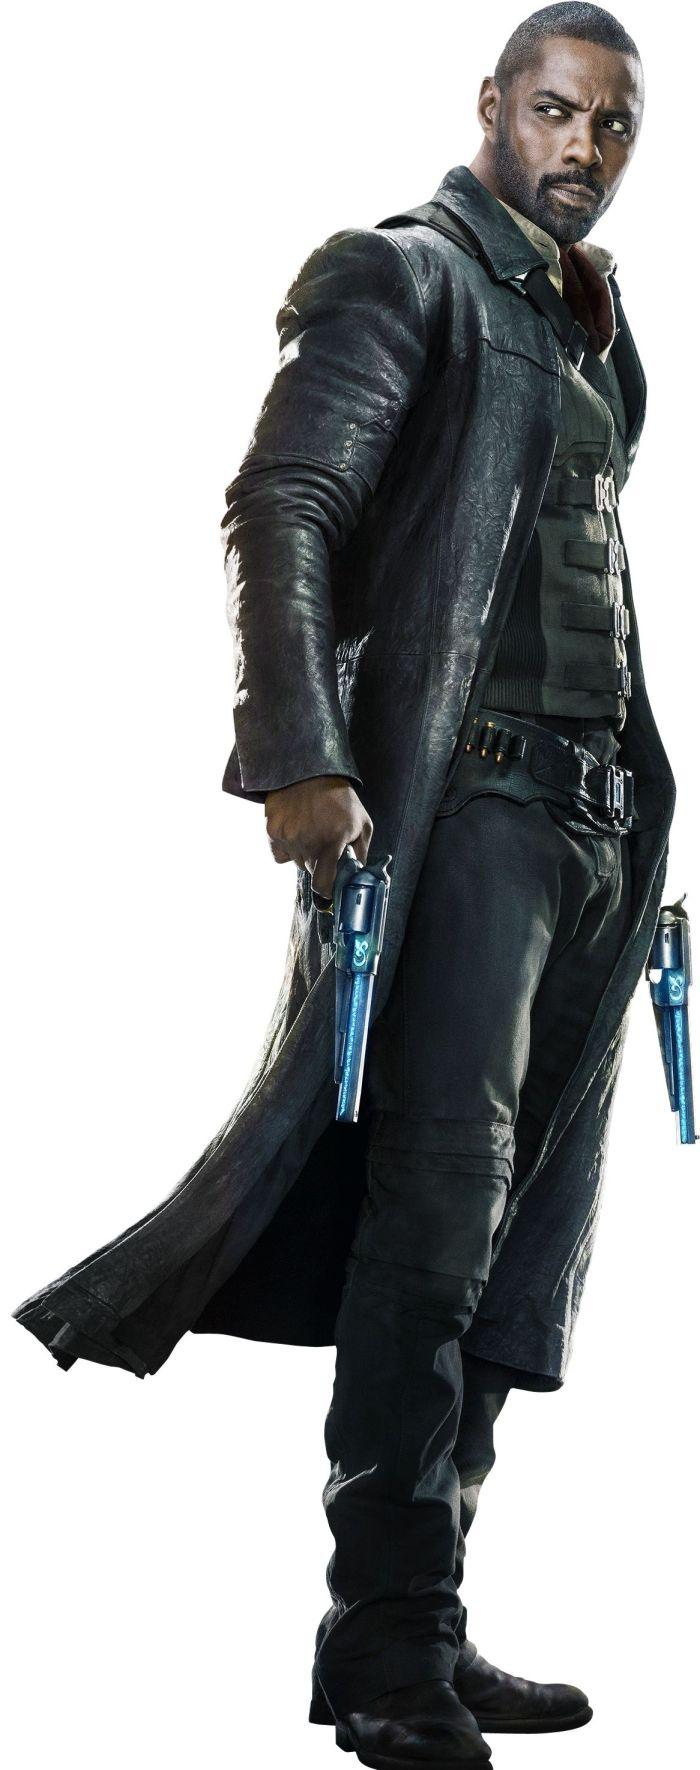 Idris Elba deține toate datele fizice pentru a fi noul agent 007.